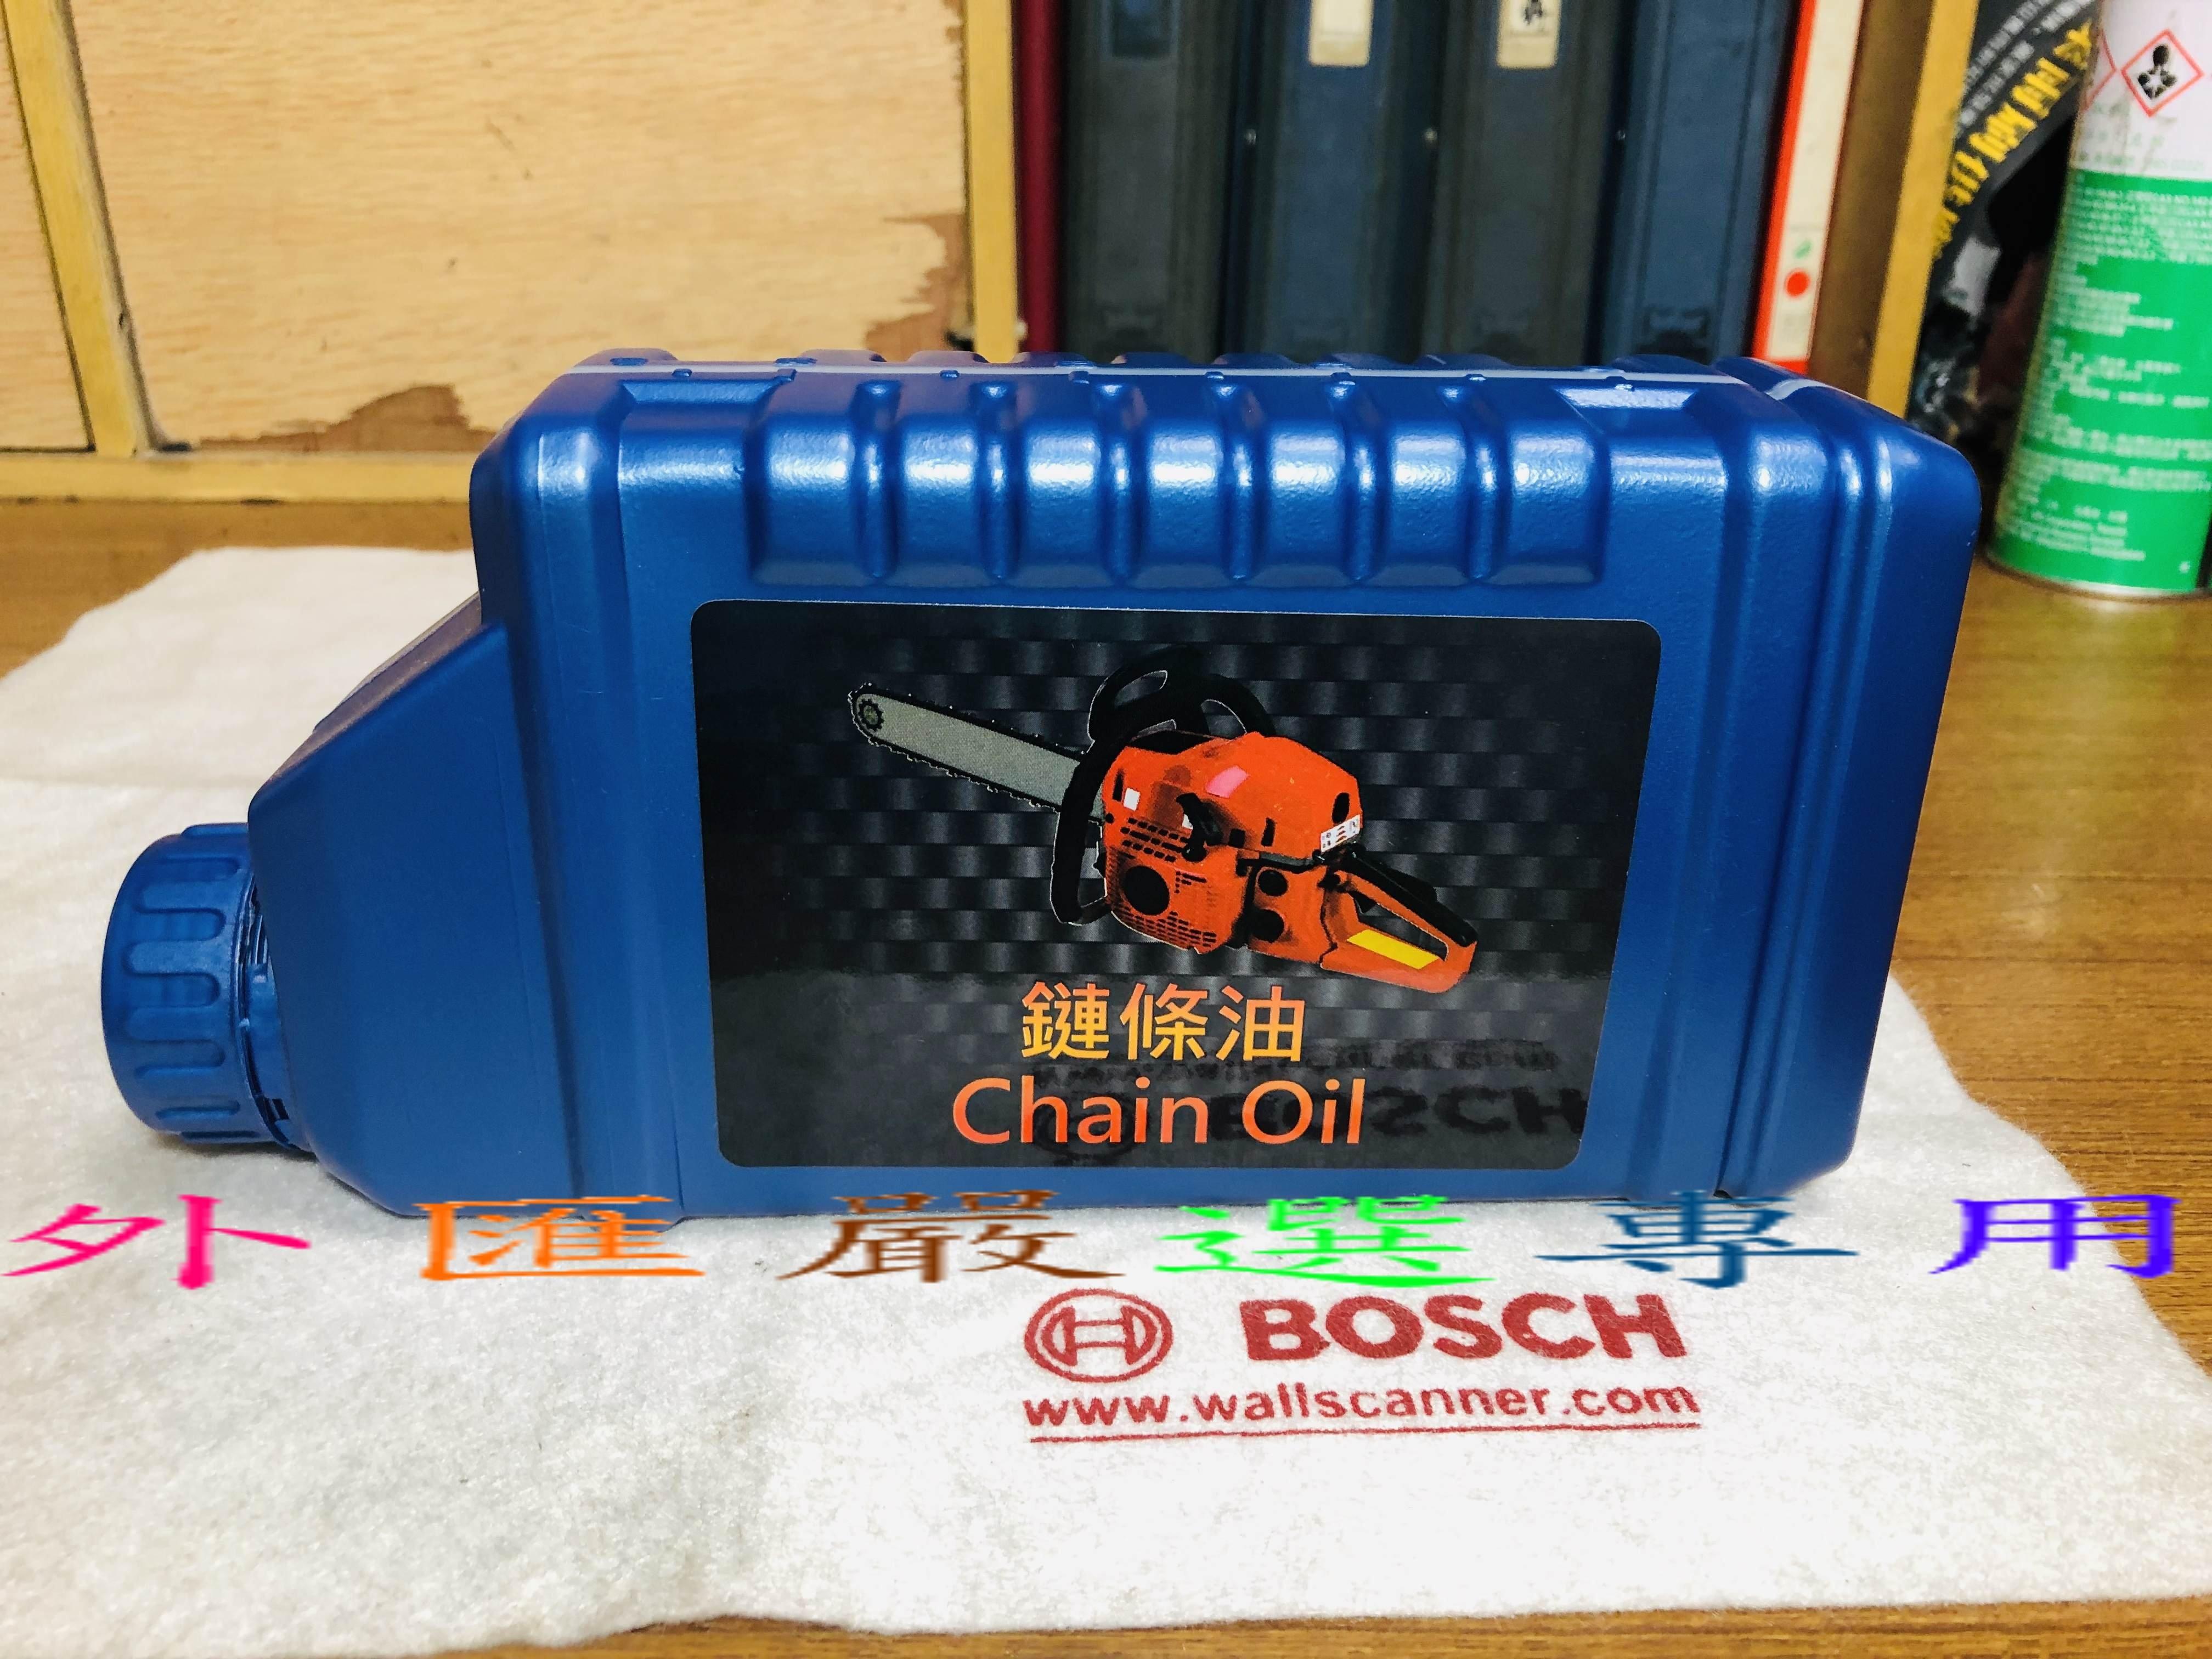 外匯 #x27 #x27  製 鏈鋸 油 鏈條油 1公升 鍊條油 潤滑油 增加鏈條 壽命潤 滑度高 耐高溫